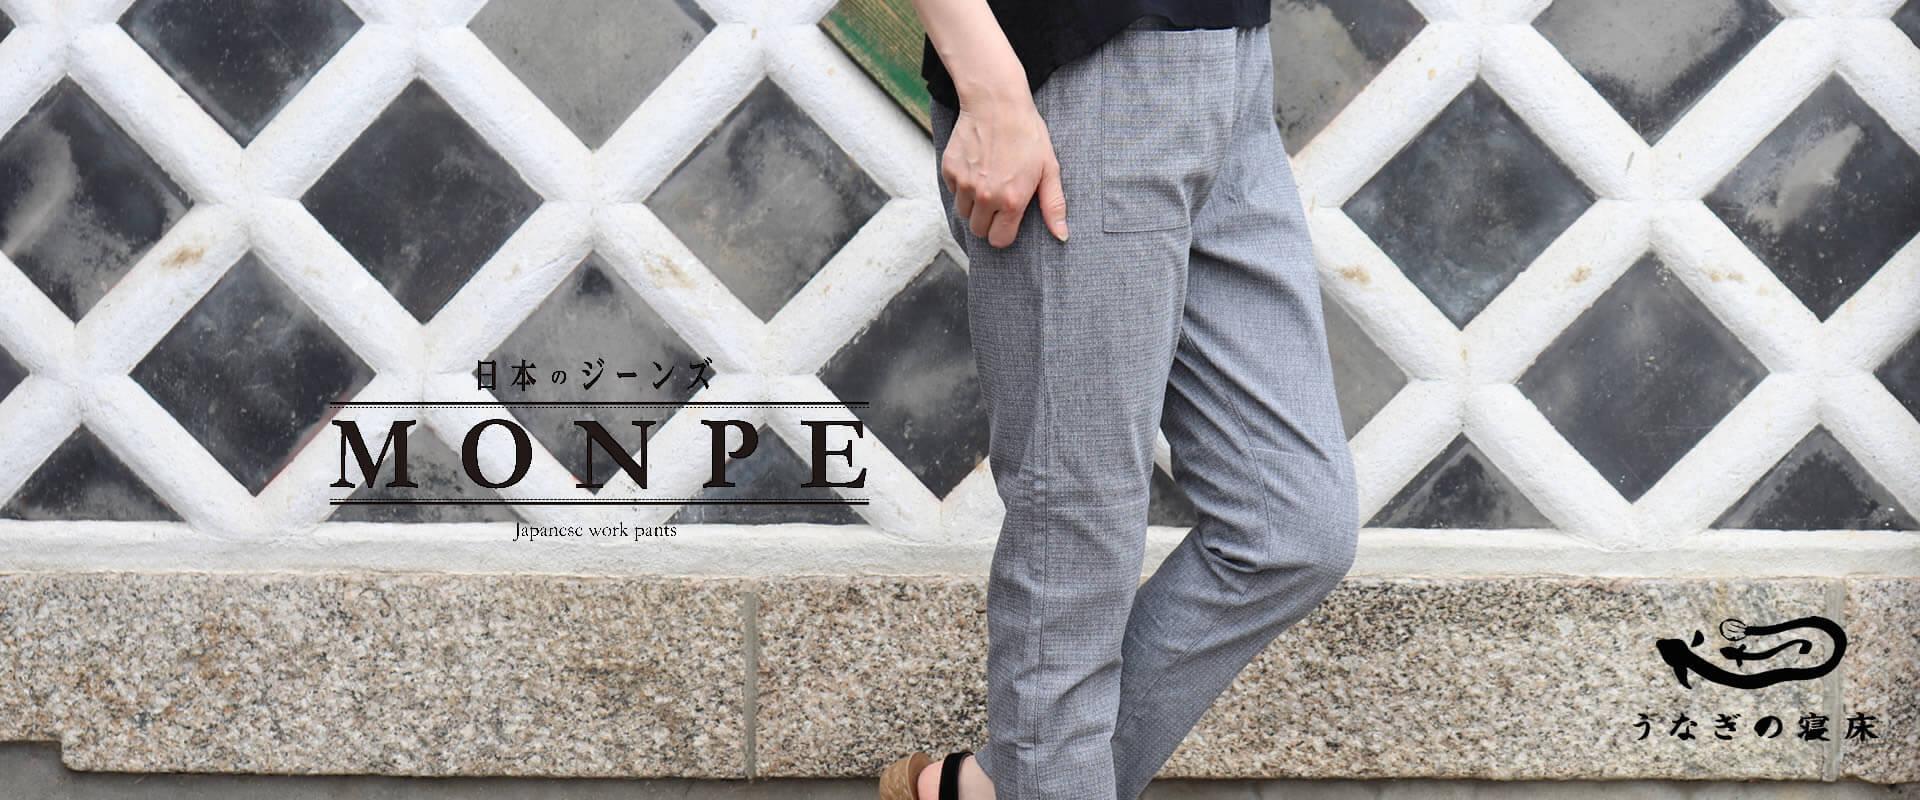 日本のジーンズ MONPE(もんぺ) うなぎの寝床